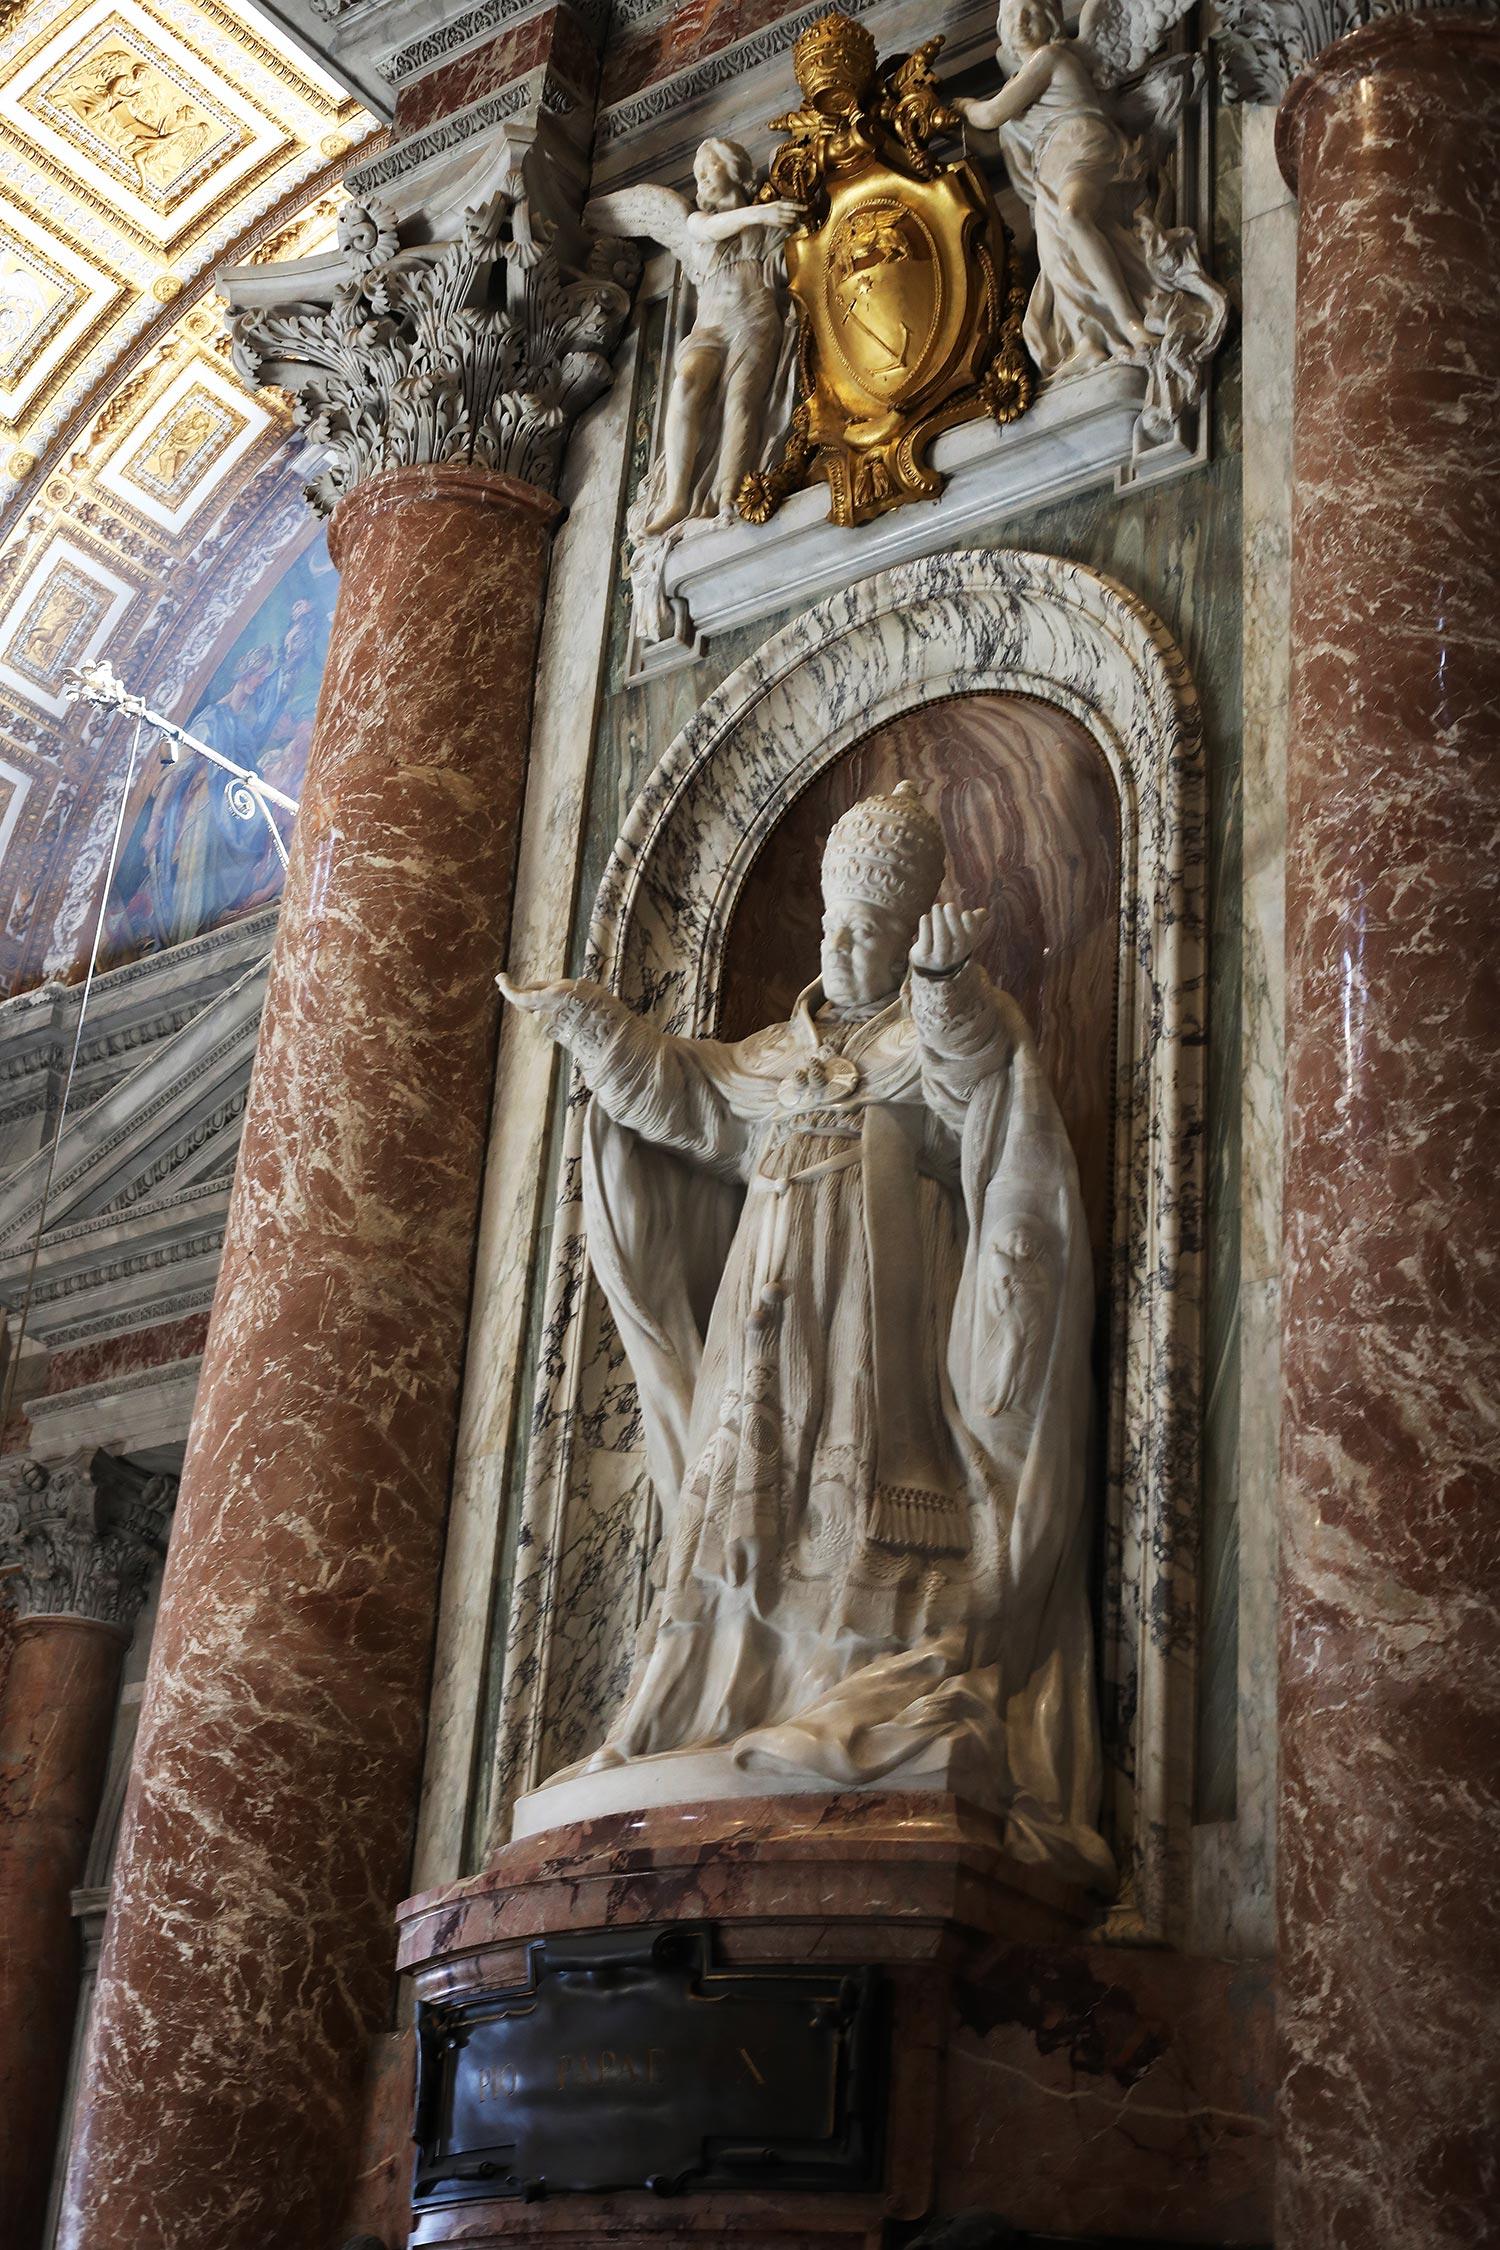 Pilgrimage_Rome_3407_StPeters.jpg